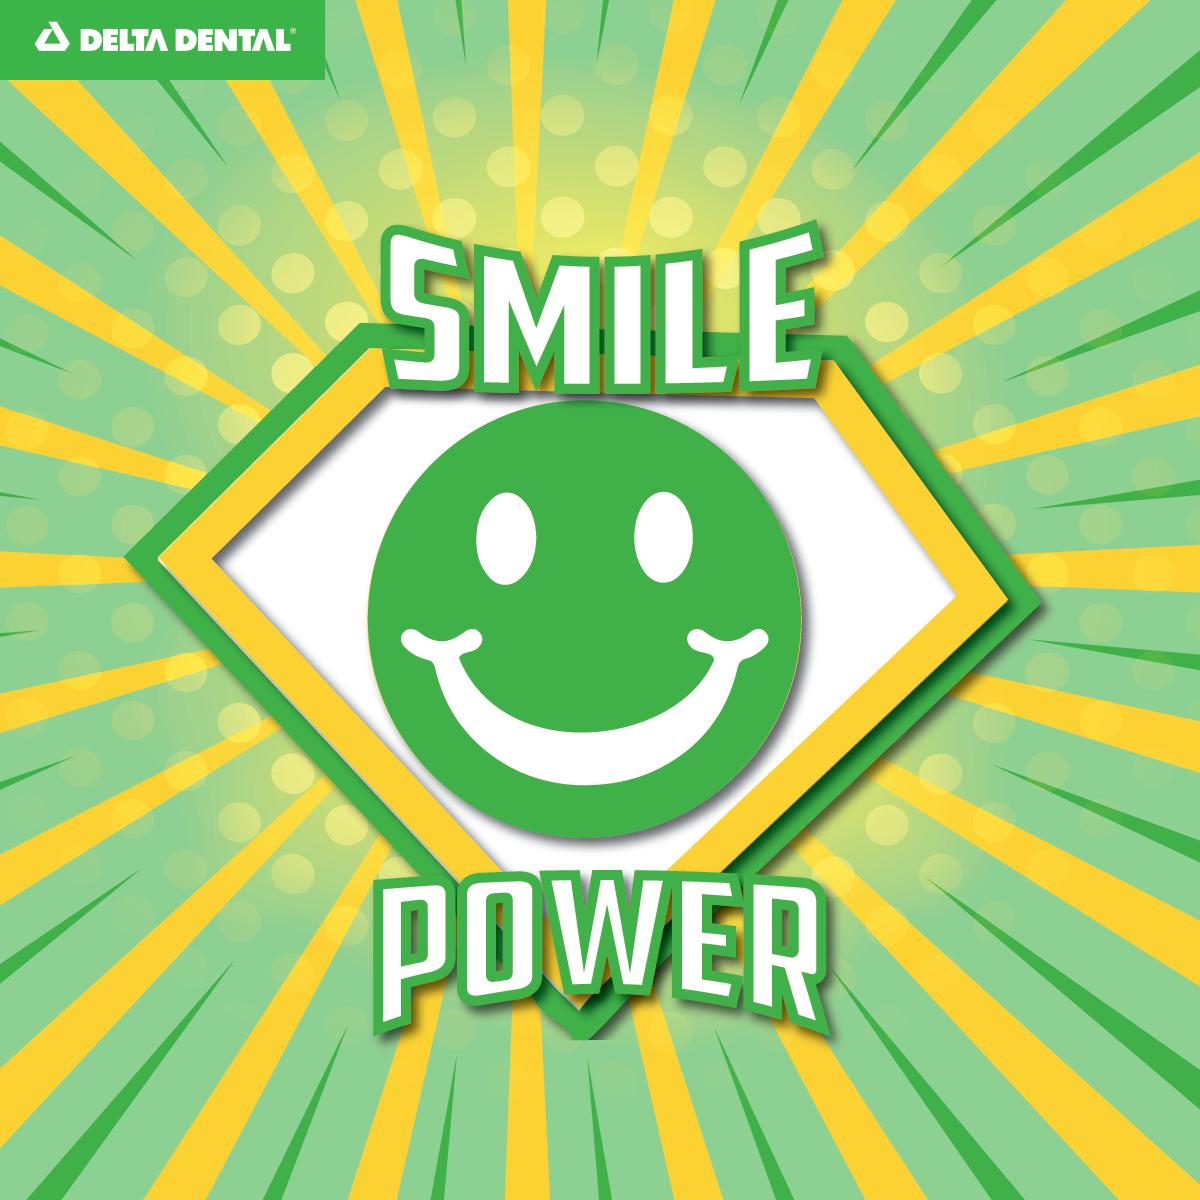 Smile Power Day! Delta Dental Dental insurance plans